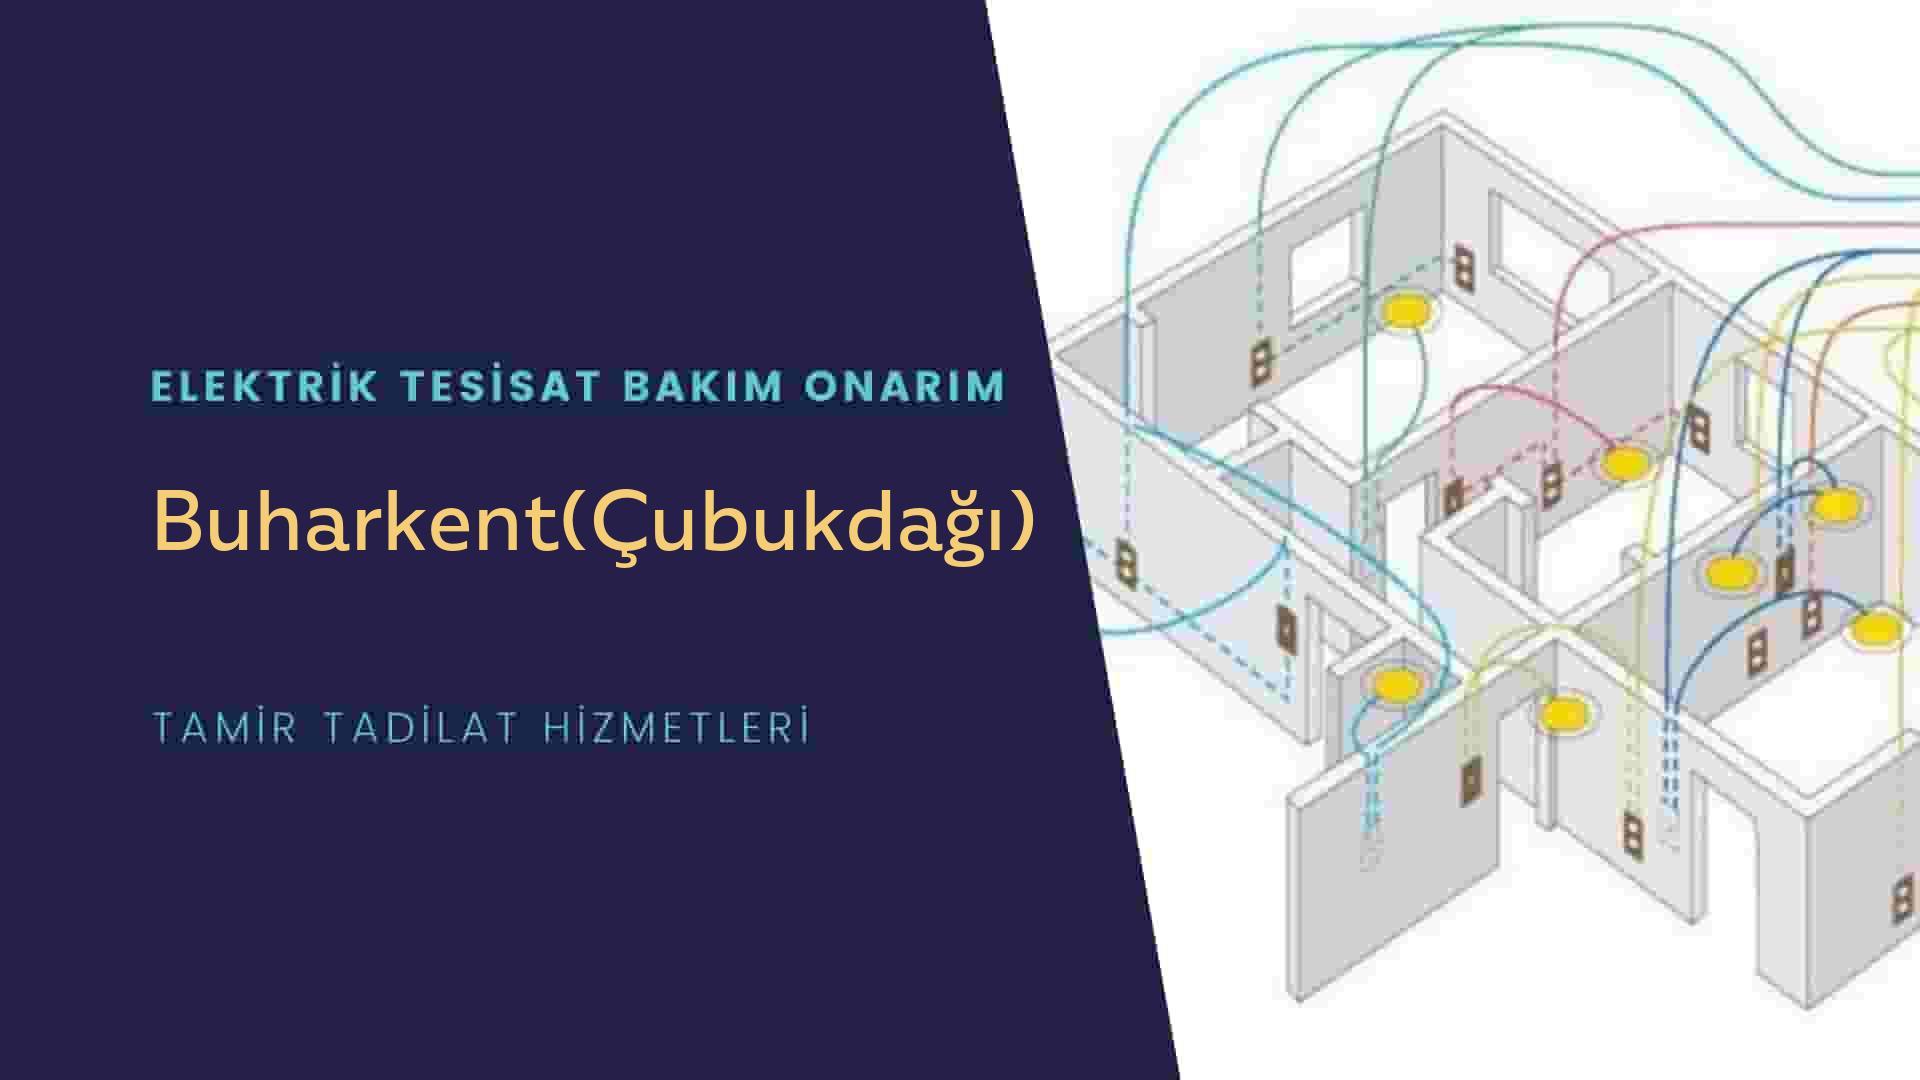 Buharkent(Çubukdağı)  elektrik tesisatıustalarımı arıyorsunuz doğru adrestenizi Buharkent(Çubukdağı) elektrik tesisatı ustalarımız 7/24 sizlere hizmet vermekten mutluluk duyar.